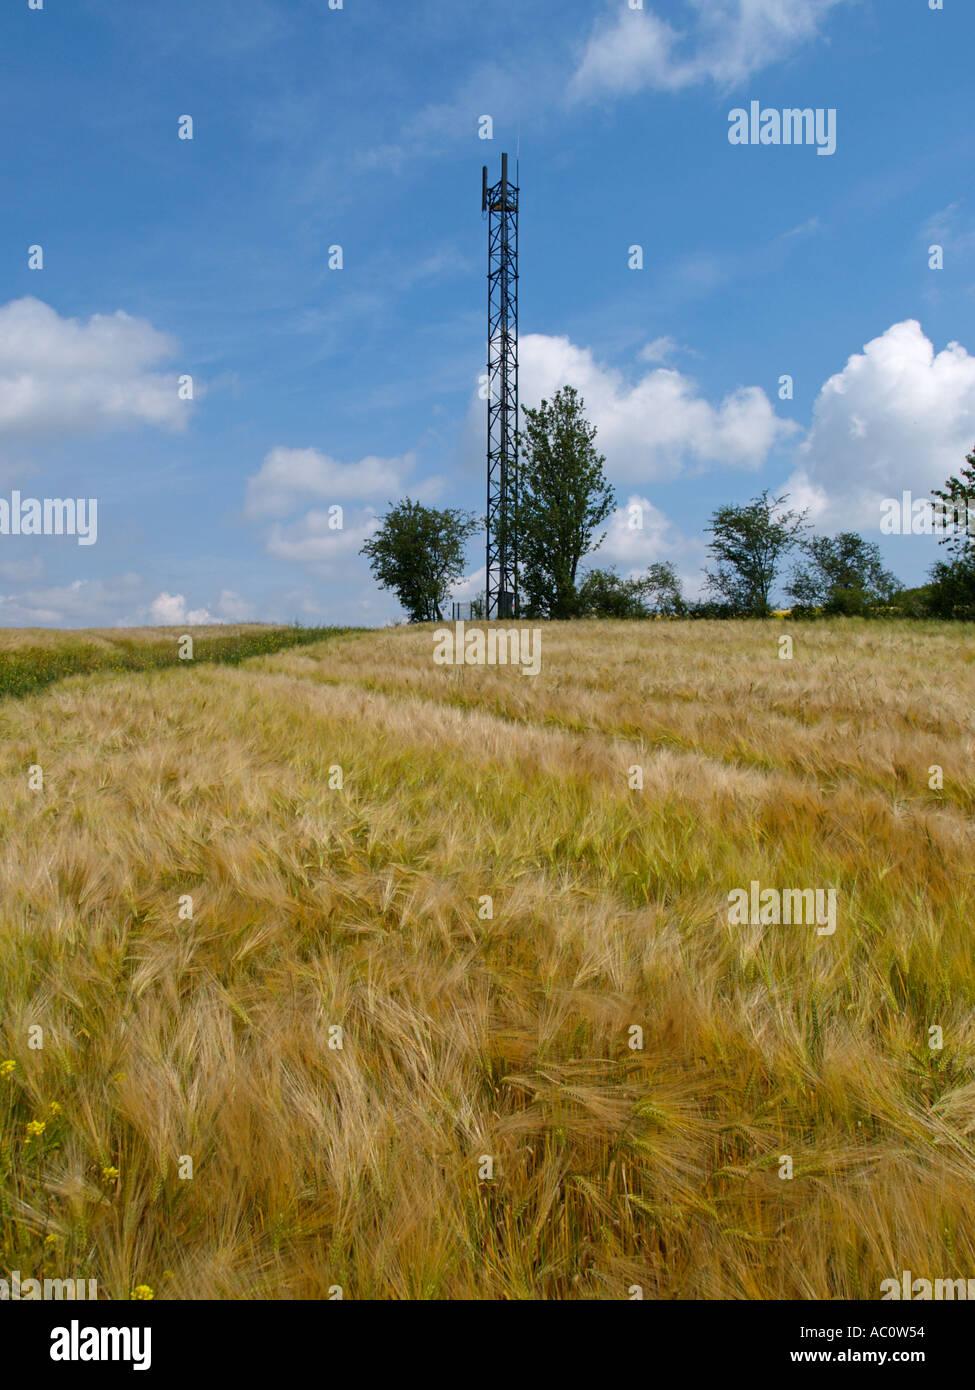 GSM Handy Mobiltelefon Kommunikation Netzwerk Antenne Sendemast auf einem Hügel im ländlichen Frankreich Haute Marne Stockfoto